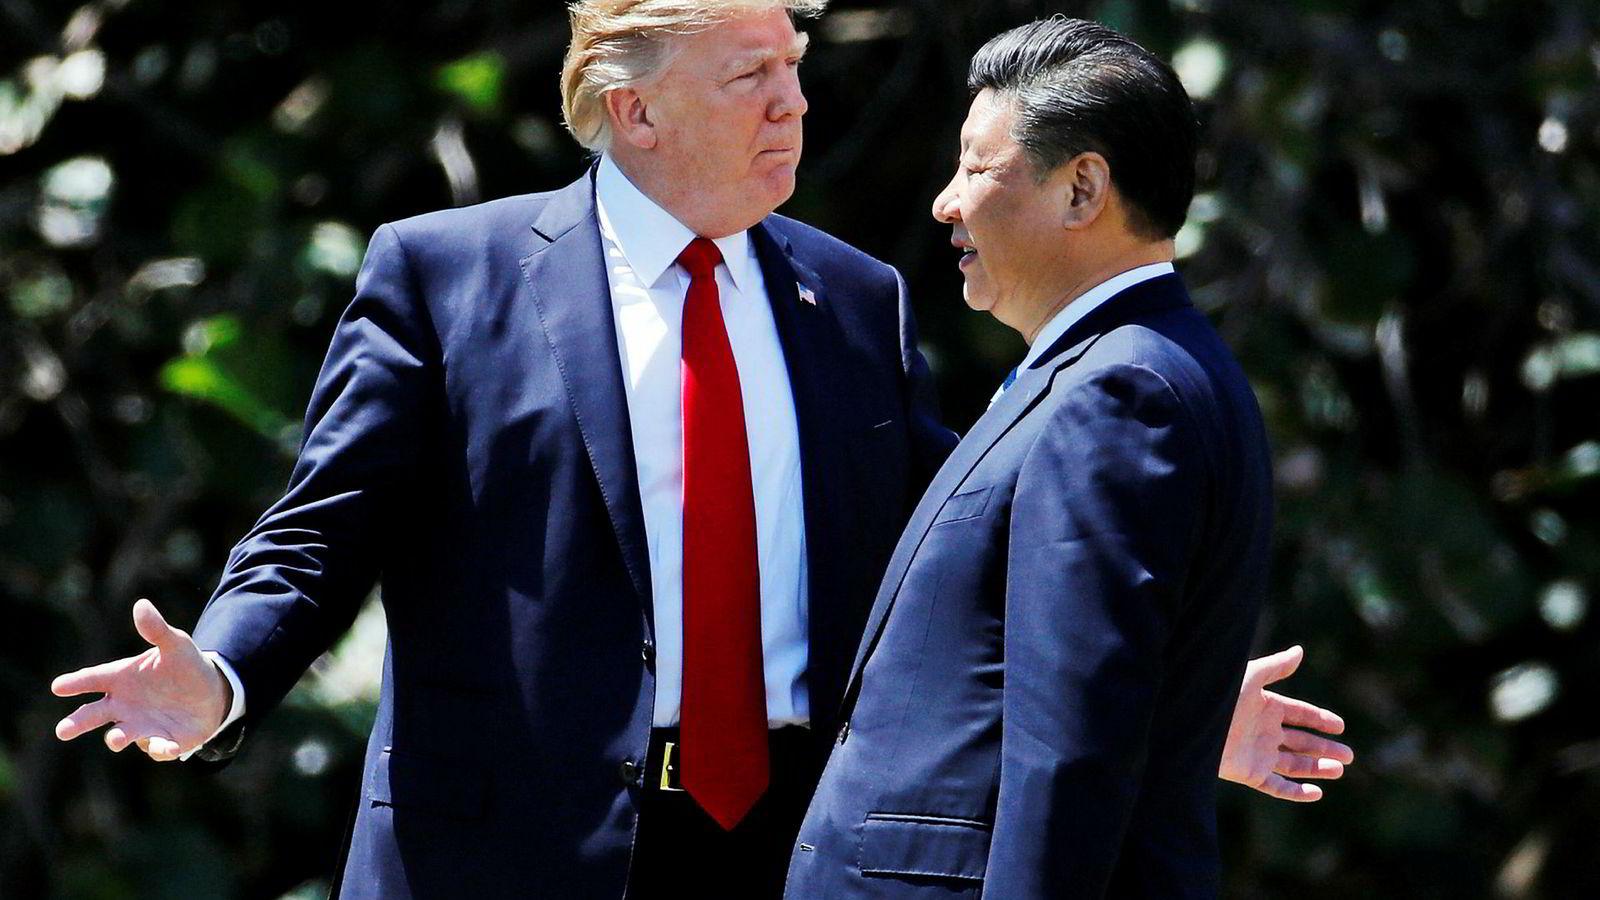 Den amerikanske presidenten Donald Trump har møtt den kinesiske presidenten Xi Jinping ved flere anledninger det siste året. Fanges dilemma viser hvorfor begge kan tape på å ikke innføre straffetoller.